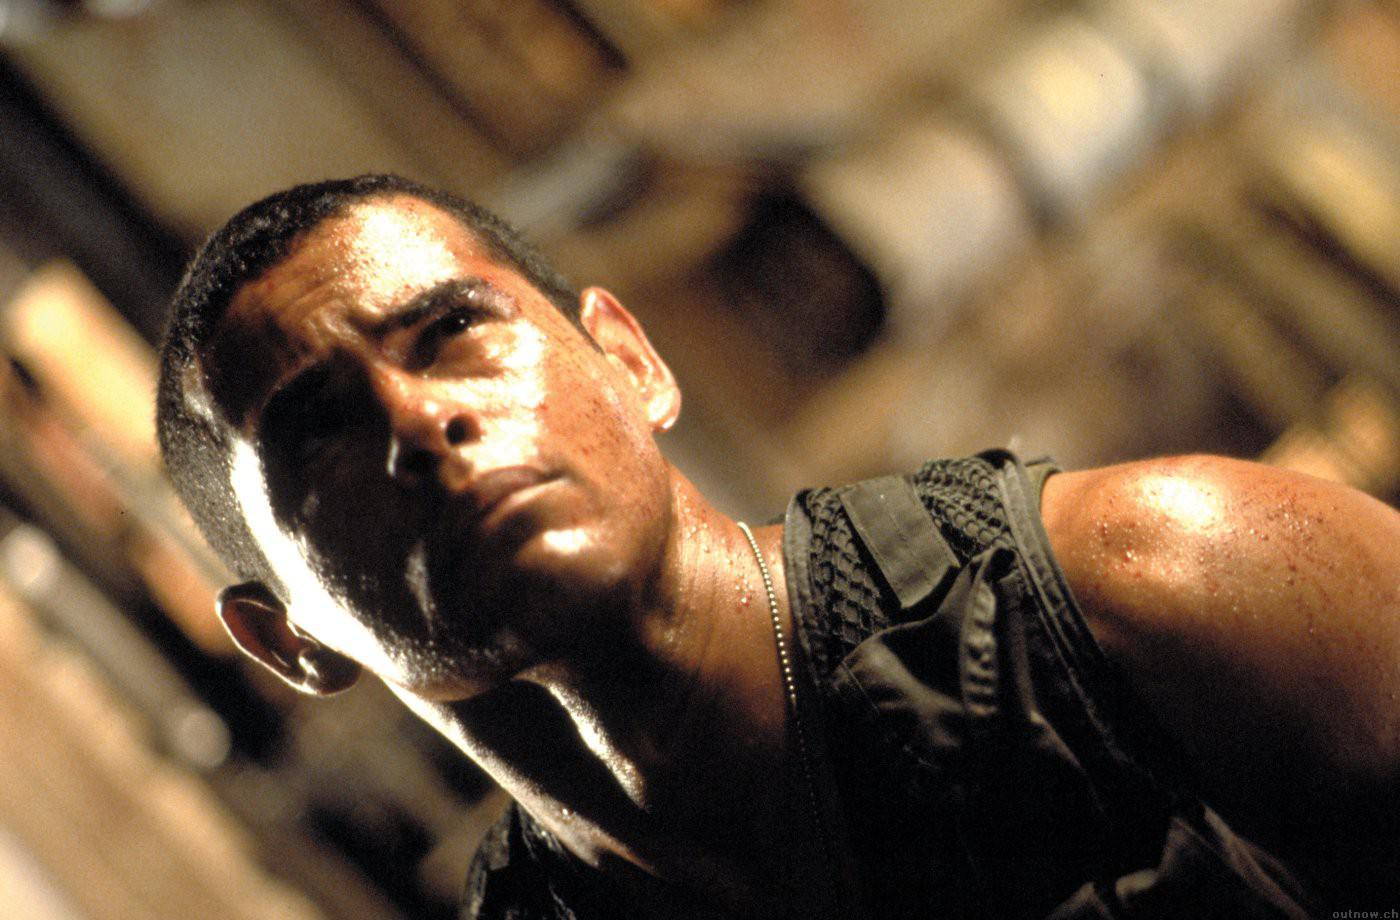 Movie, Alien: Resurrection(美國, 1997年) / 異形4:浴火重生(台灣) / 異形4之逆種(香港) / 异形4(網路), 電影角色與演員介紹